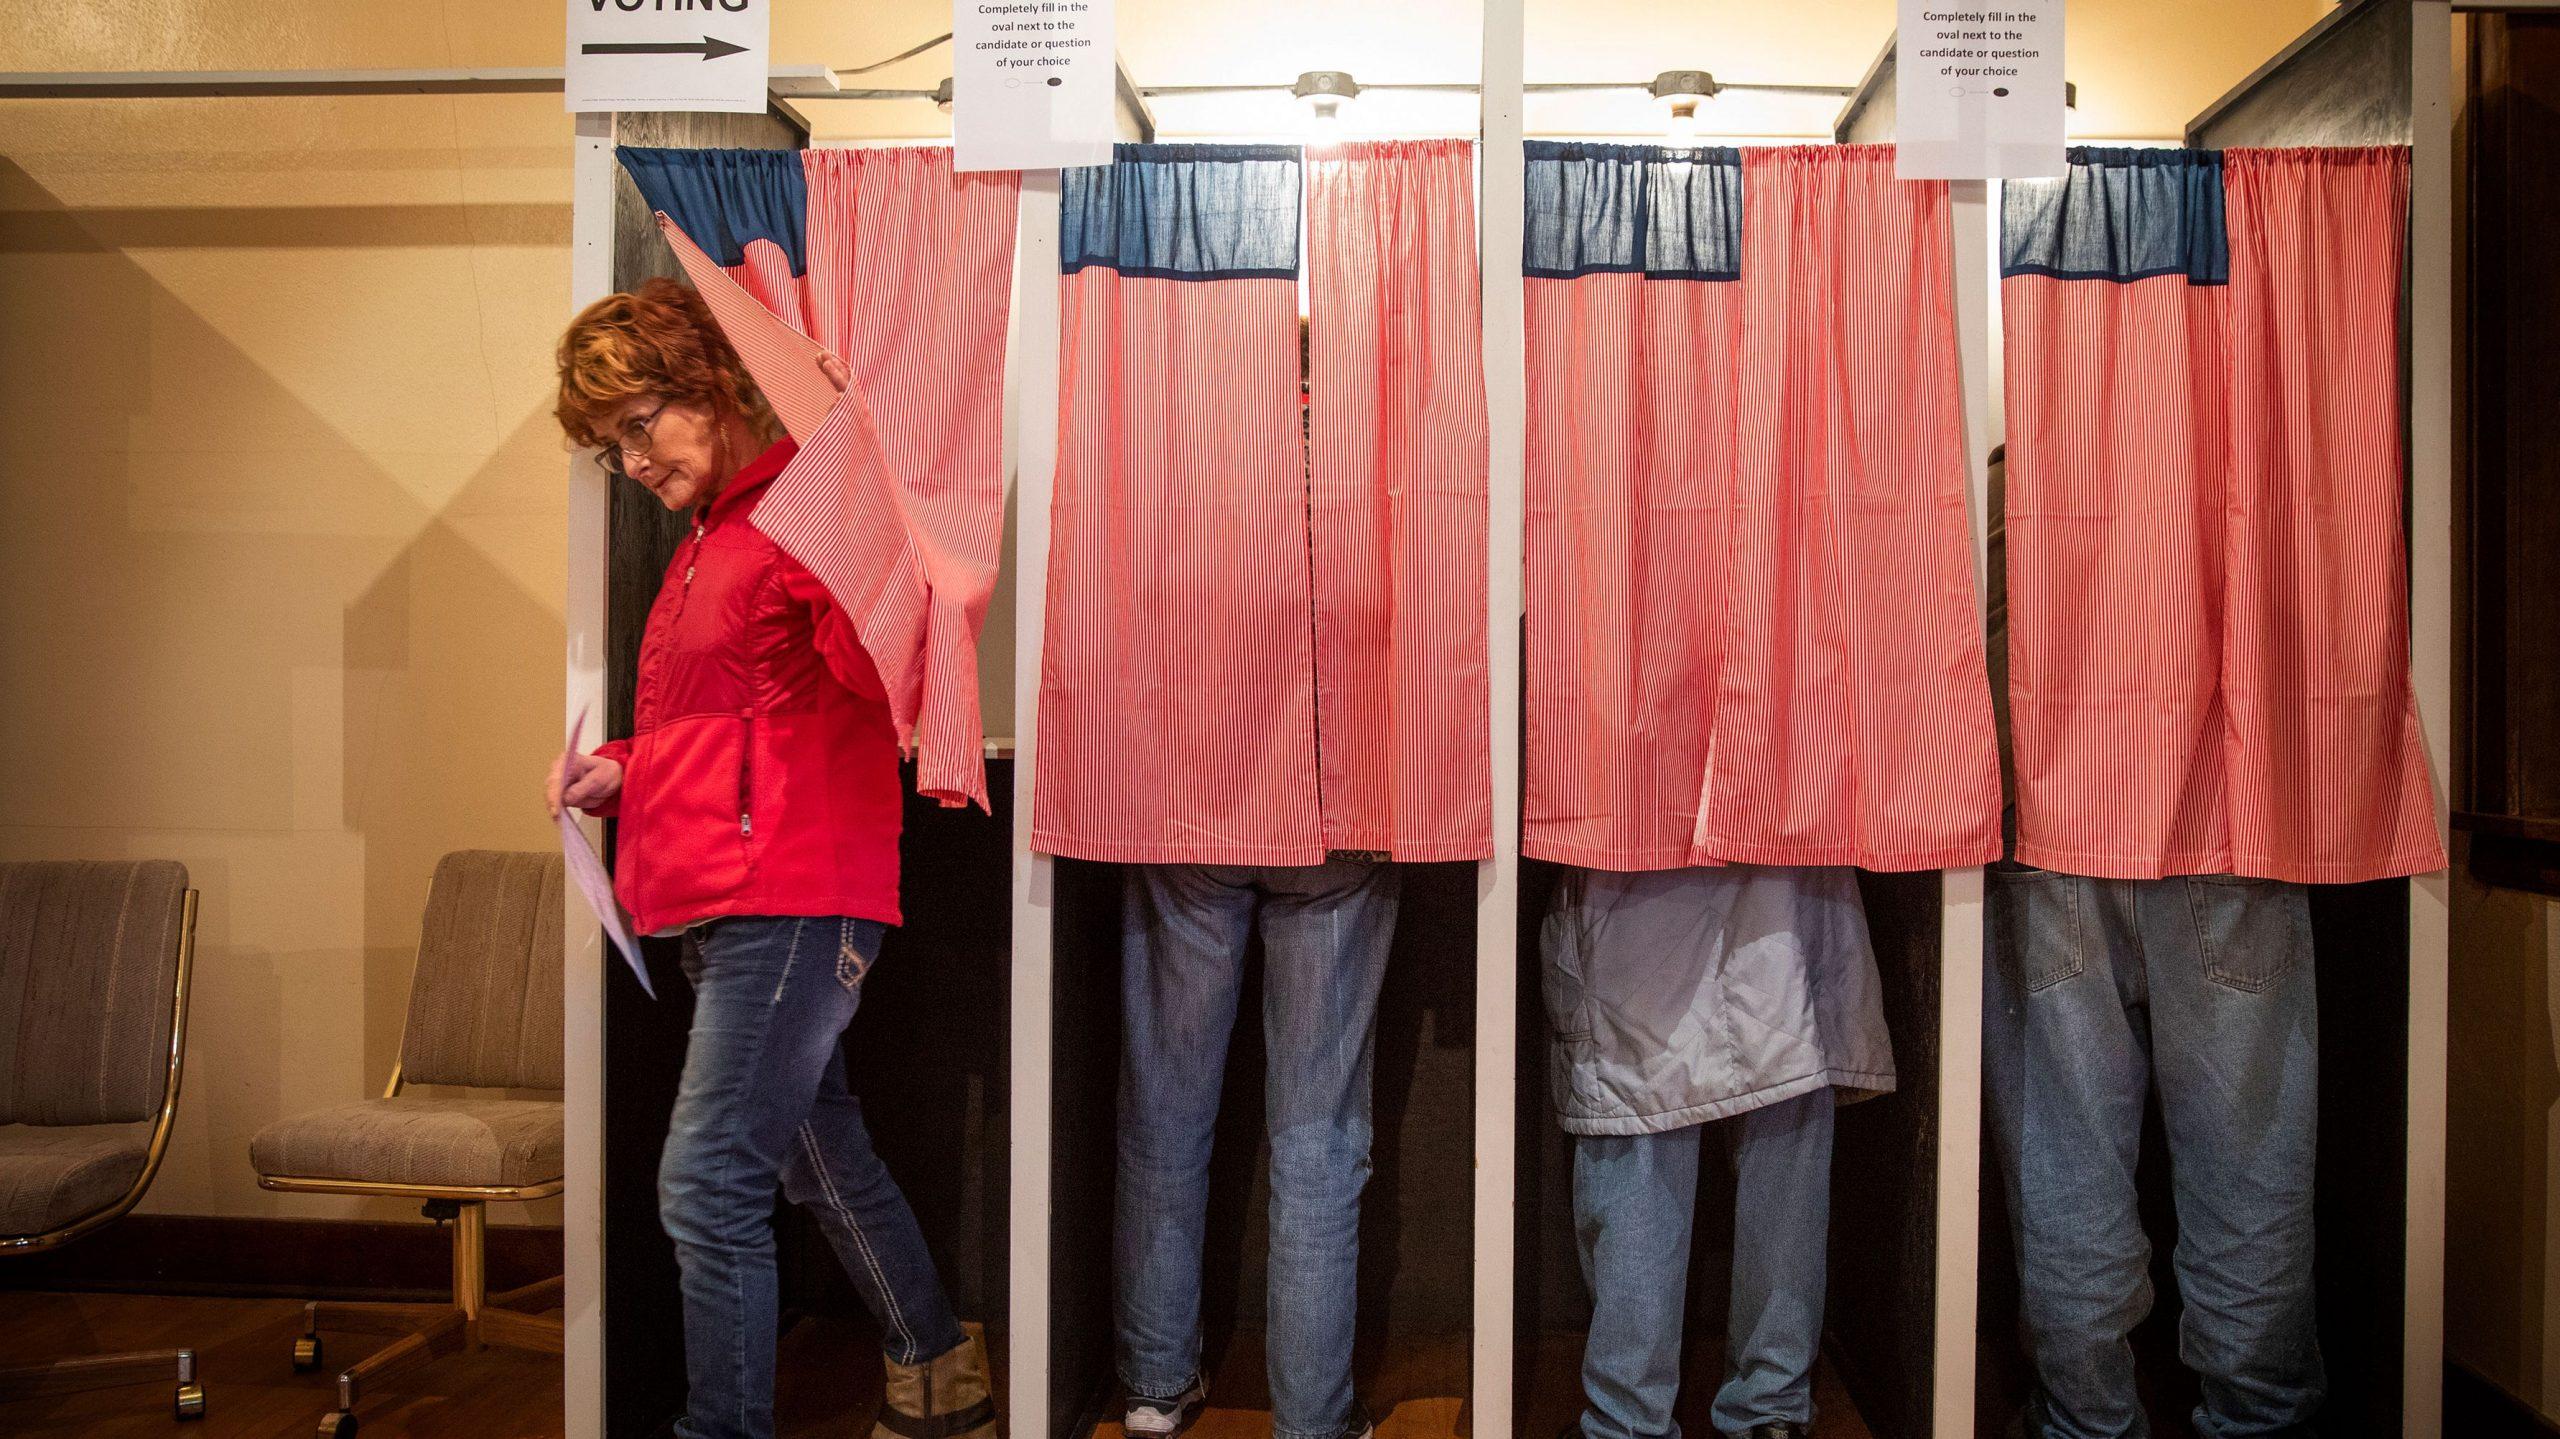 「不正選挙」デマにソーシャルメディアは対処できるか